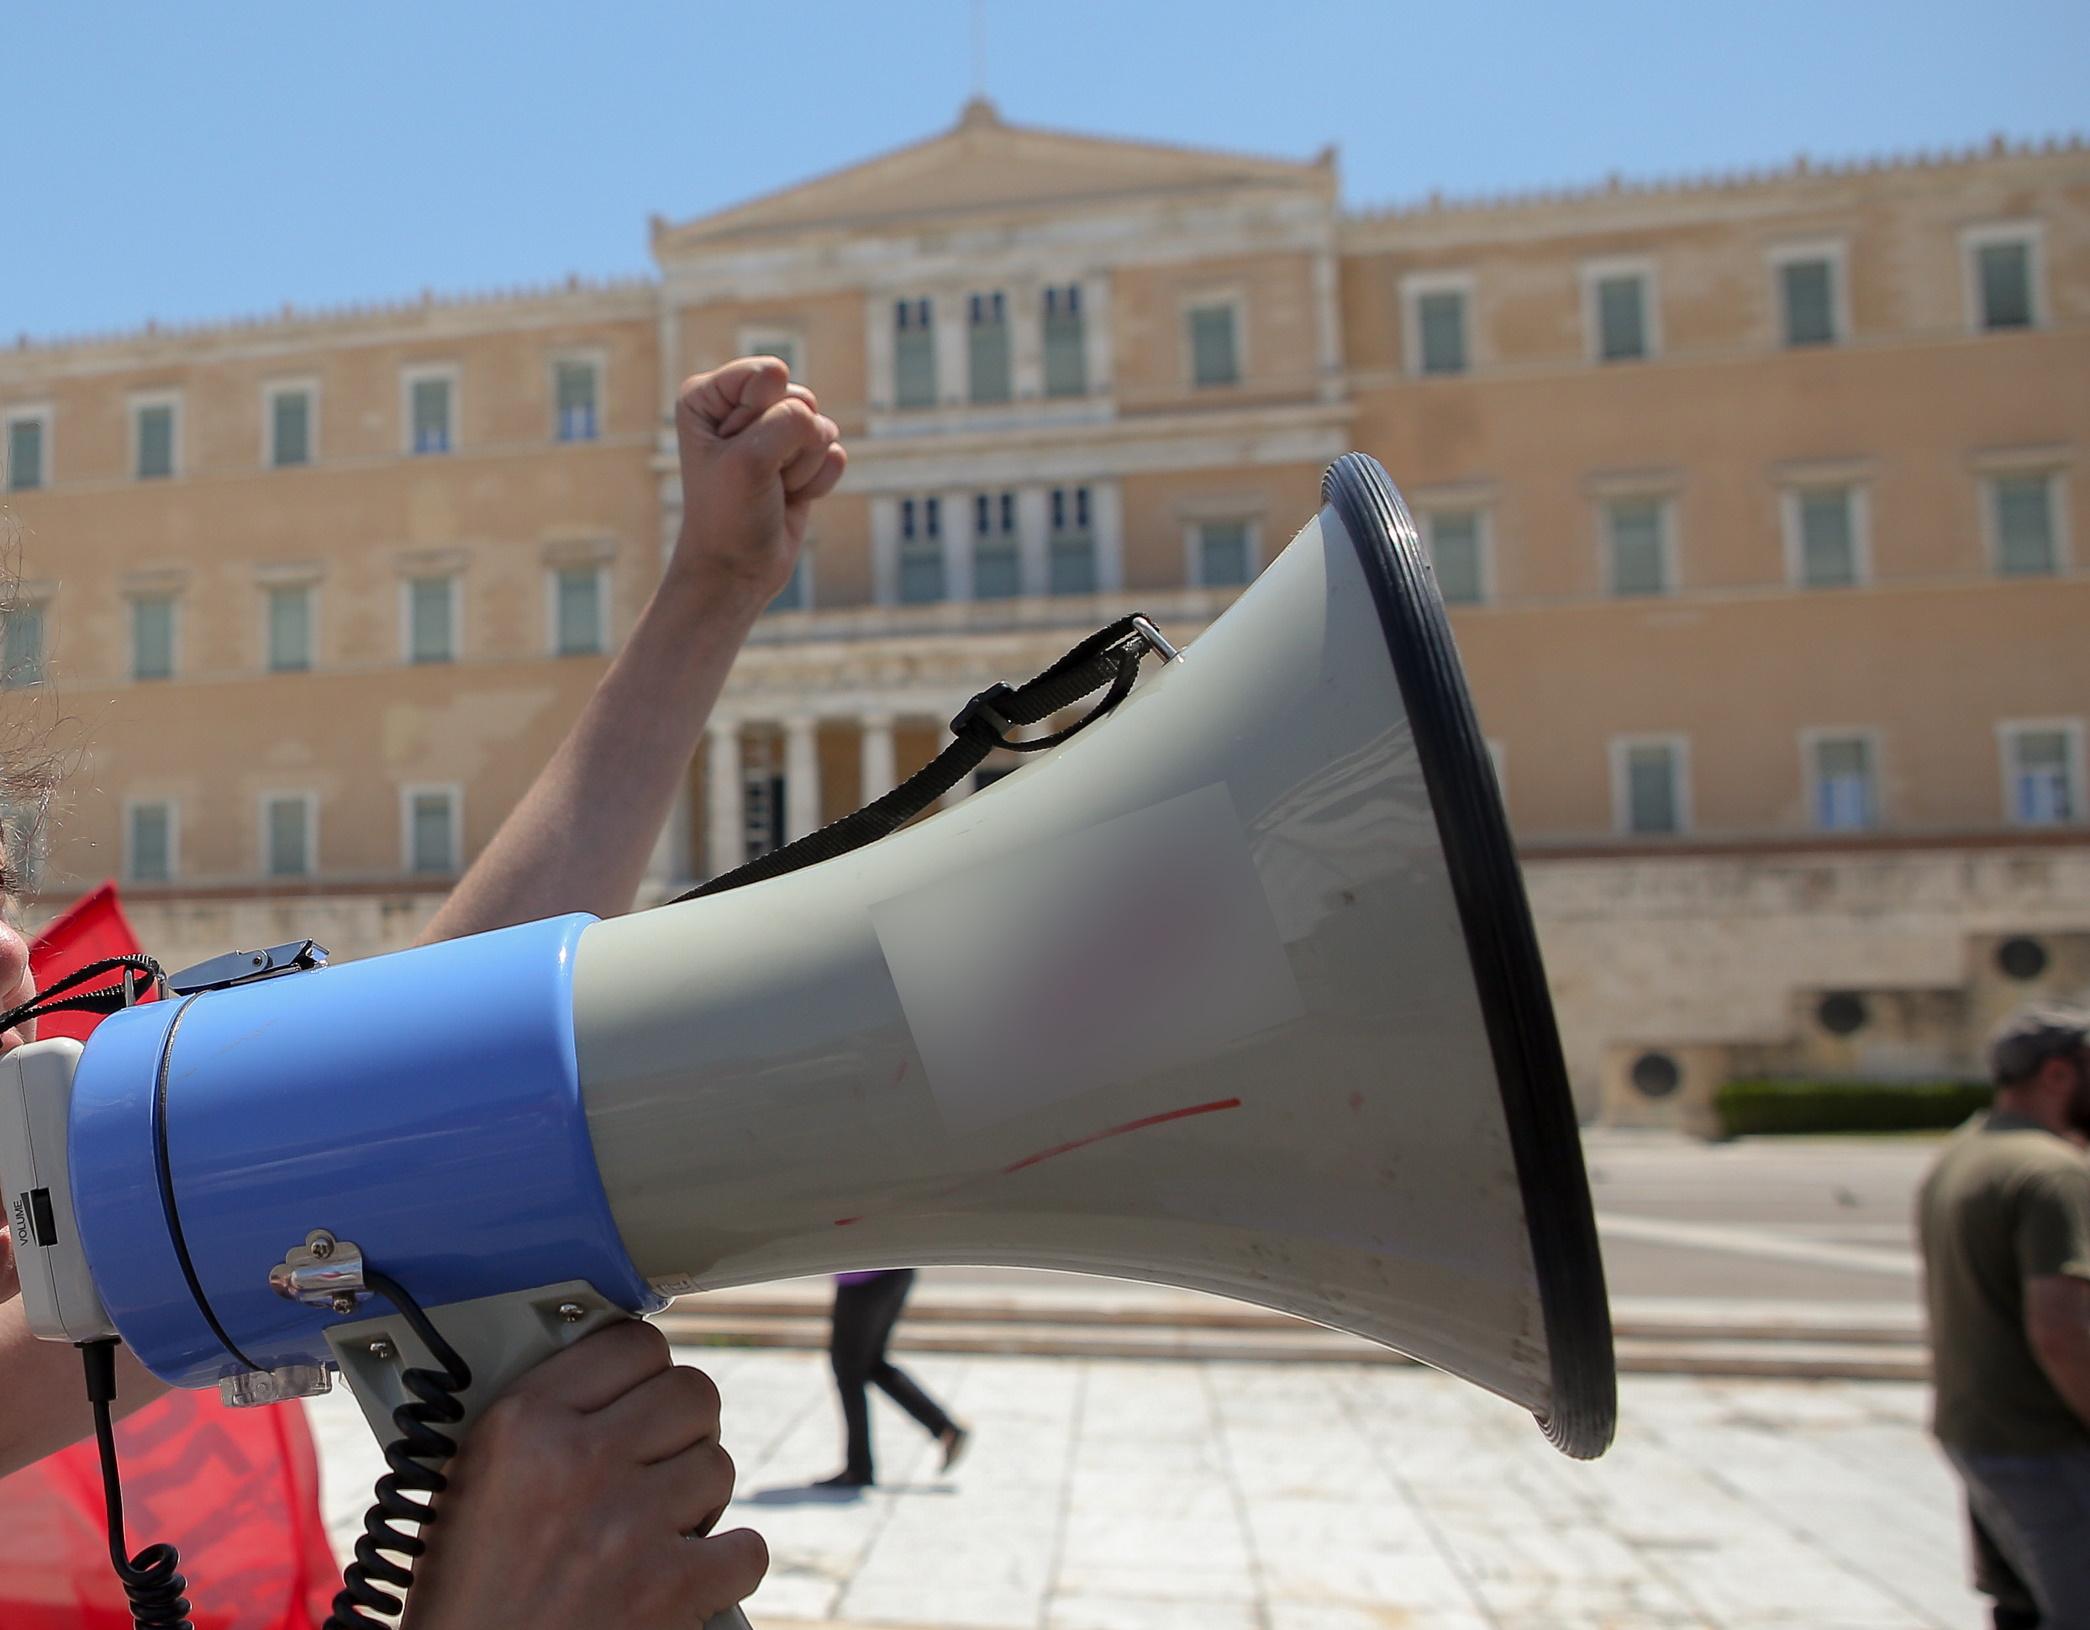 ΑΔΕΔΥ: Μετάθεση της  24ωρης απεργίας για τις 10 Ιουνίου